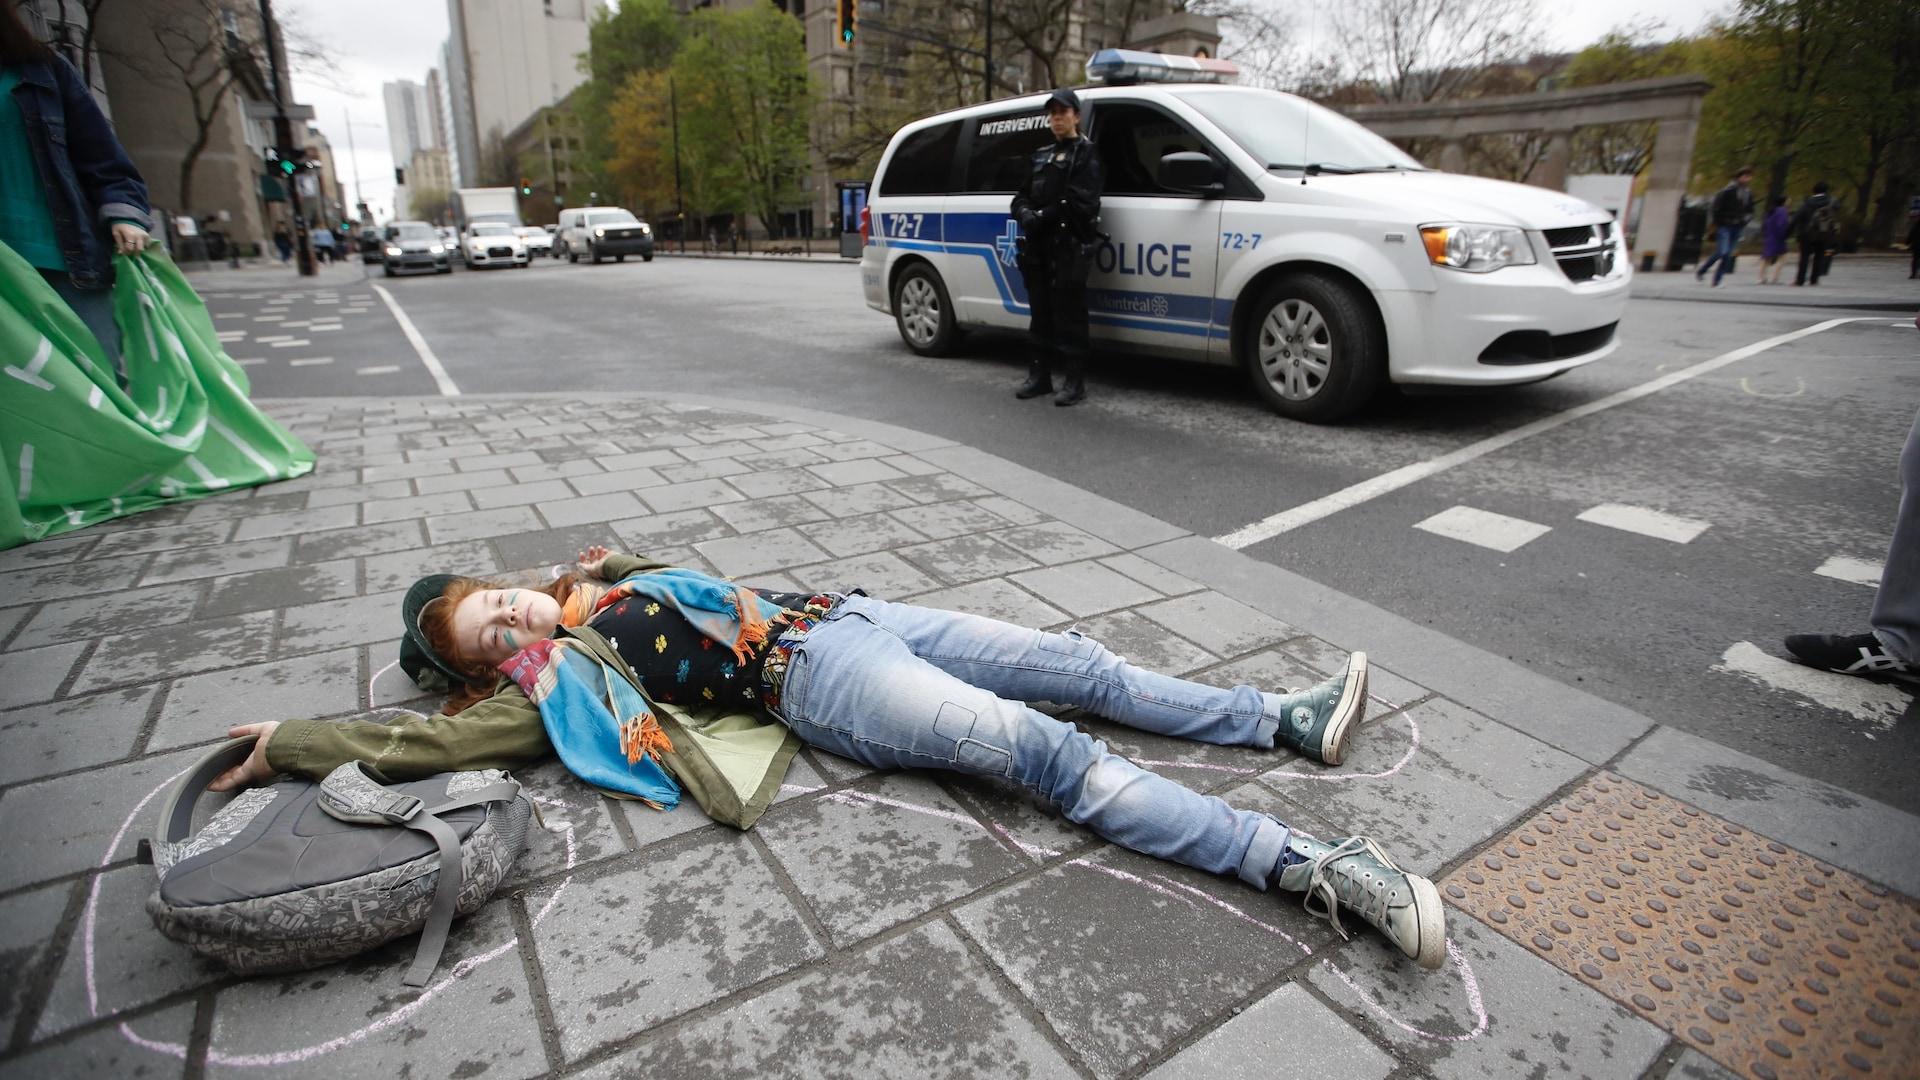 Une jeune fille est couchée par terre entourée d'un trait de craie, faisant la morte devant une camionnette de police.